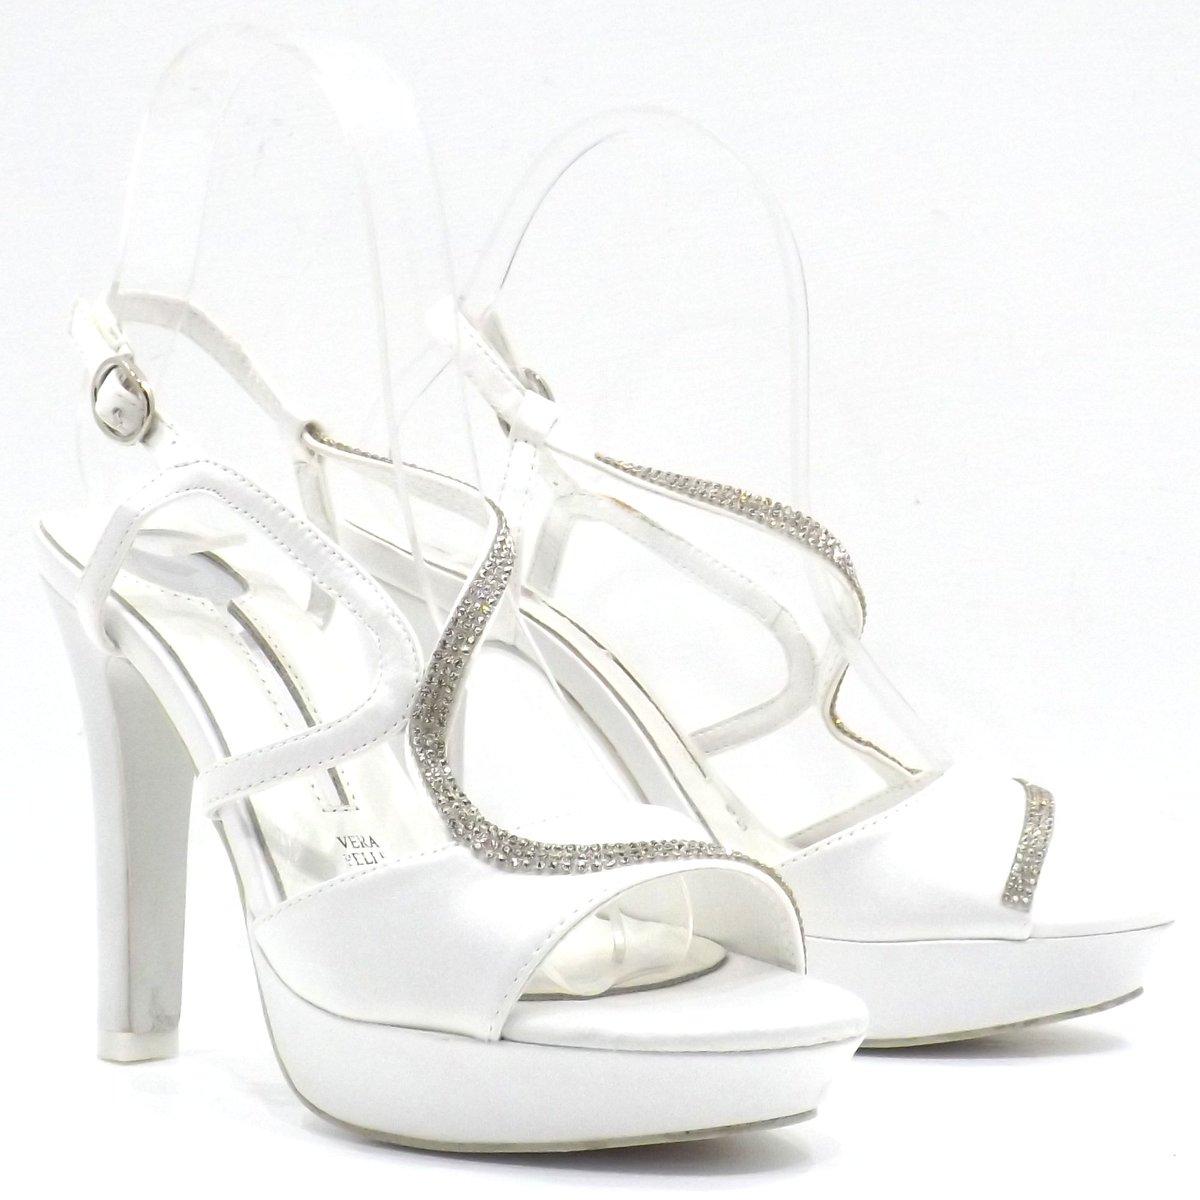 b99839f73683 Altezza tacco   10 cm. Stile  Sandalo fasciato alla caviglia. Colore   Bianco perla. Numero   35